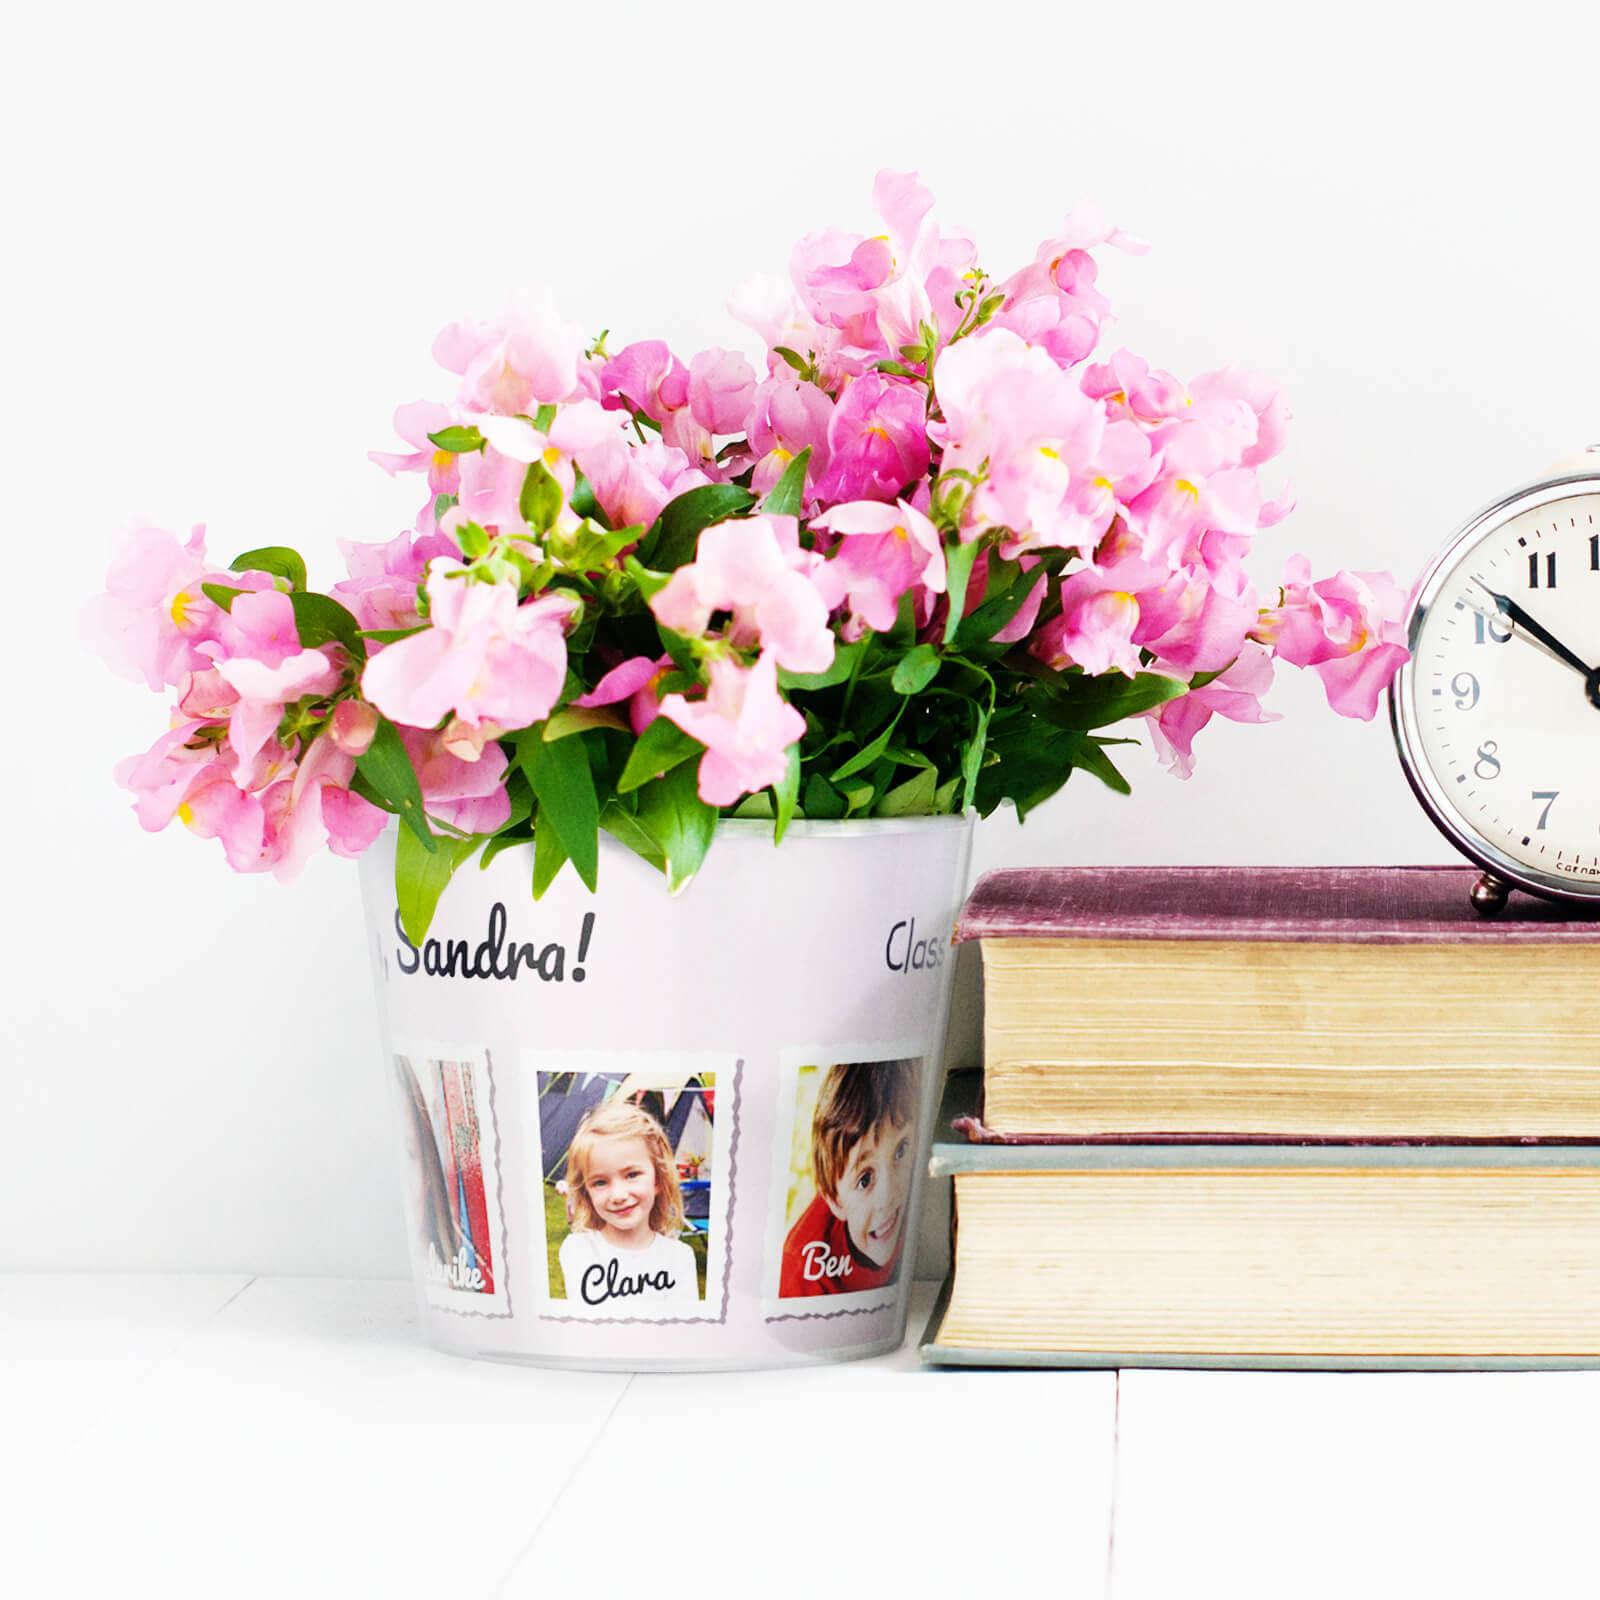 Kindergarten teacher appreciation flowerpot gift idea preschool 5 photos - Gifts For Kindergarten Teachers